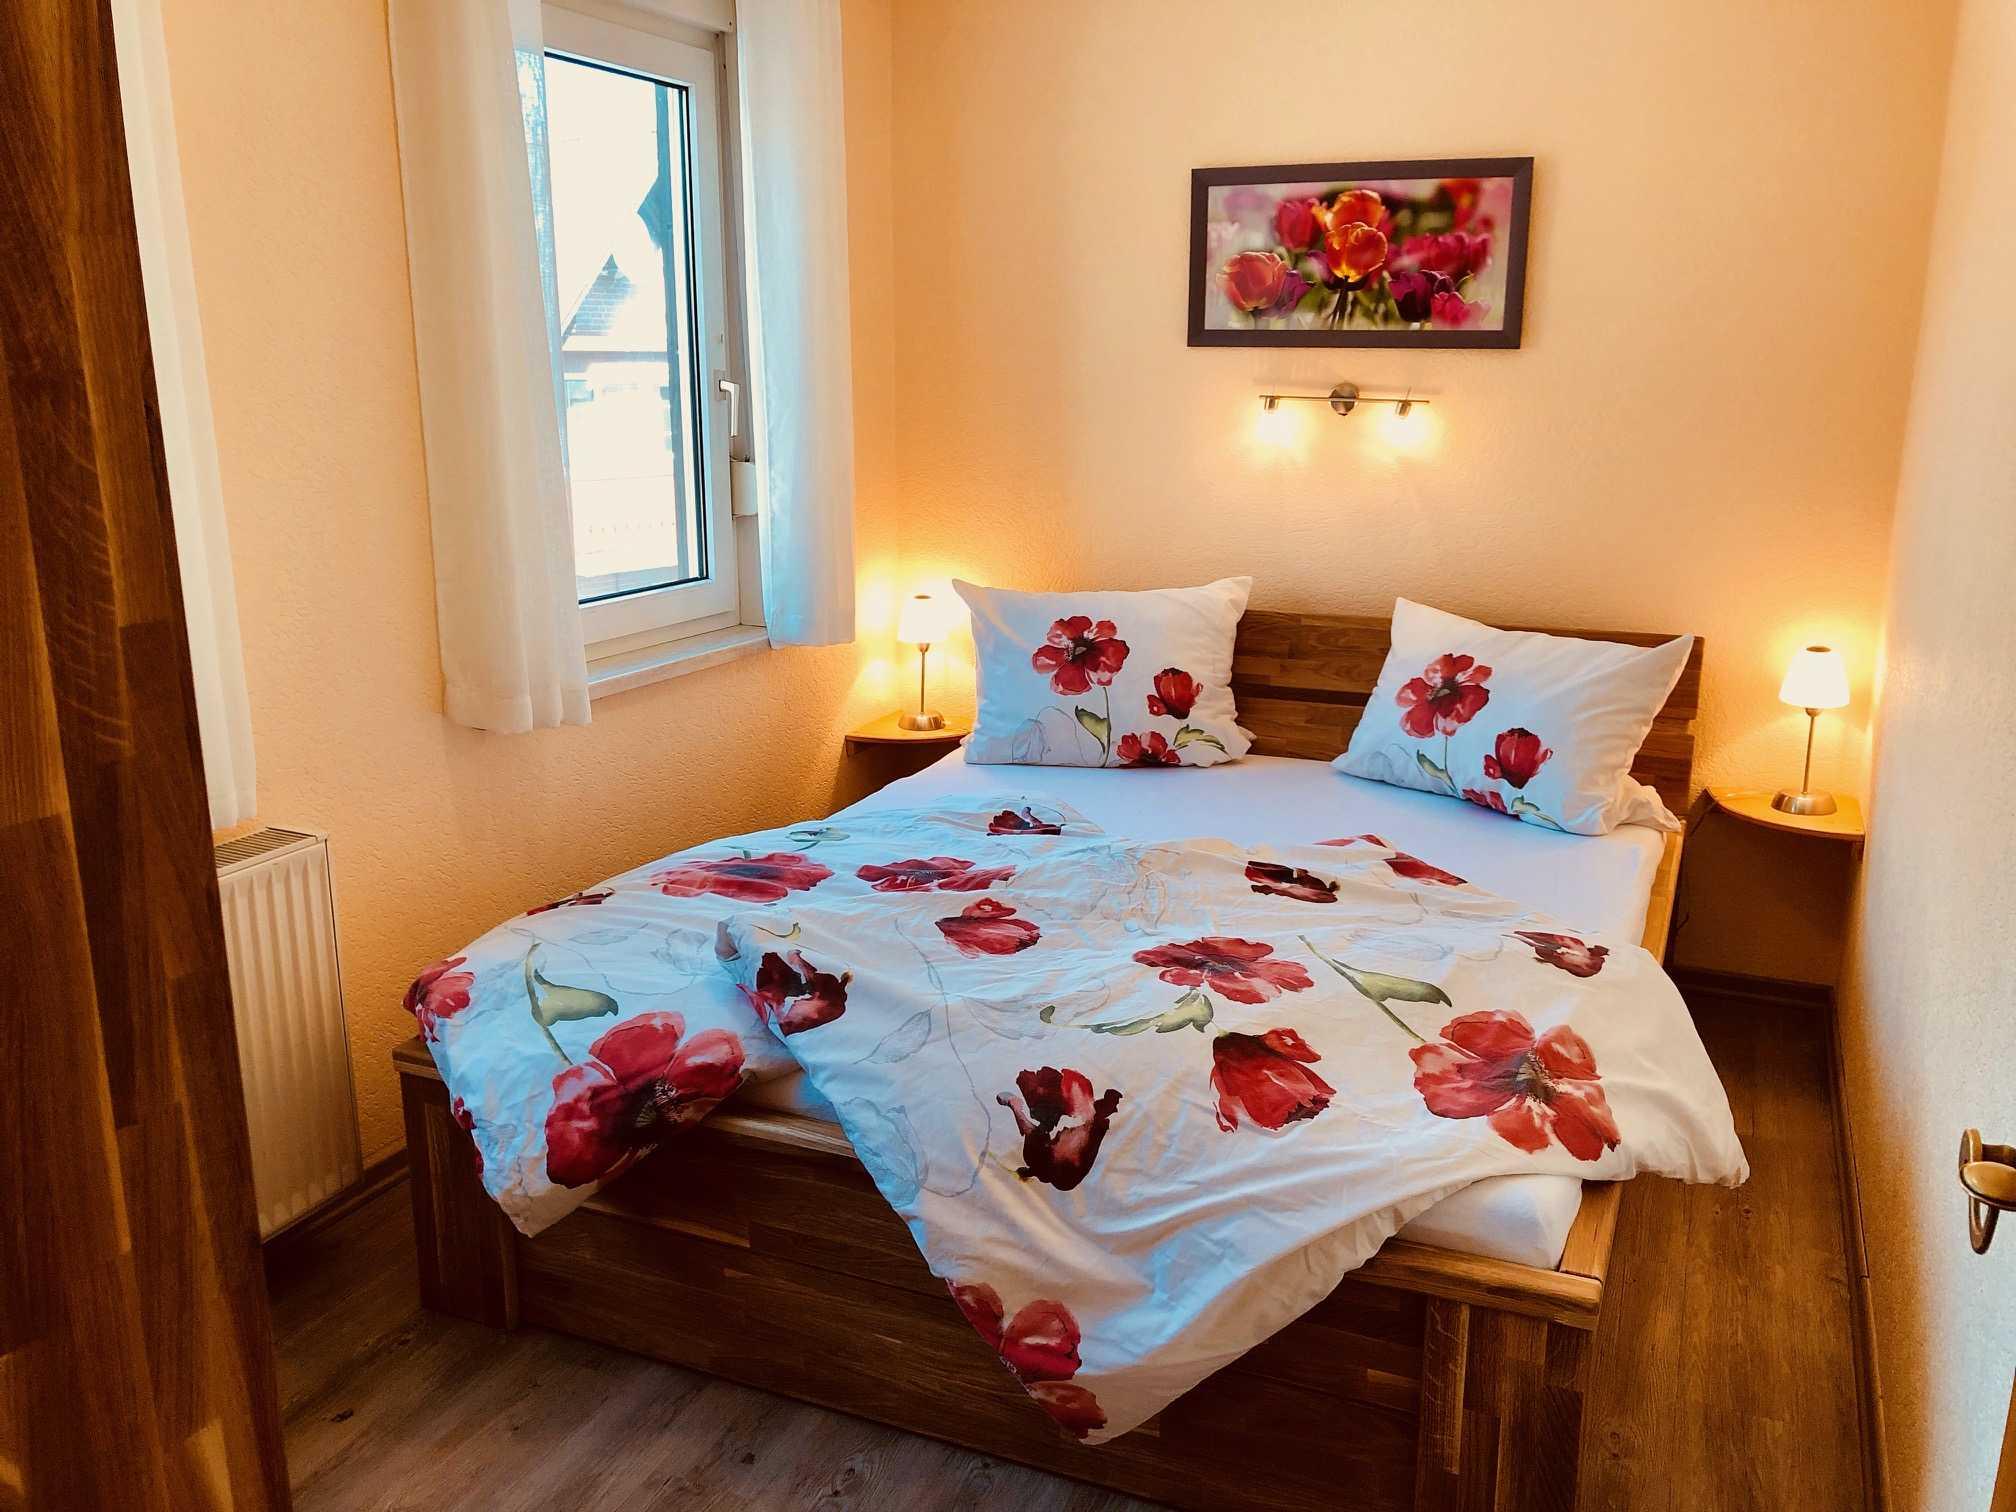 Zusatzbild Nr. 03 von Wendlandferienhaus - Ferienwohnung Storchennest